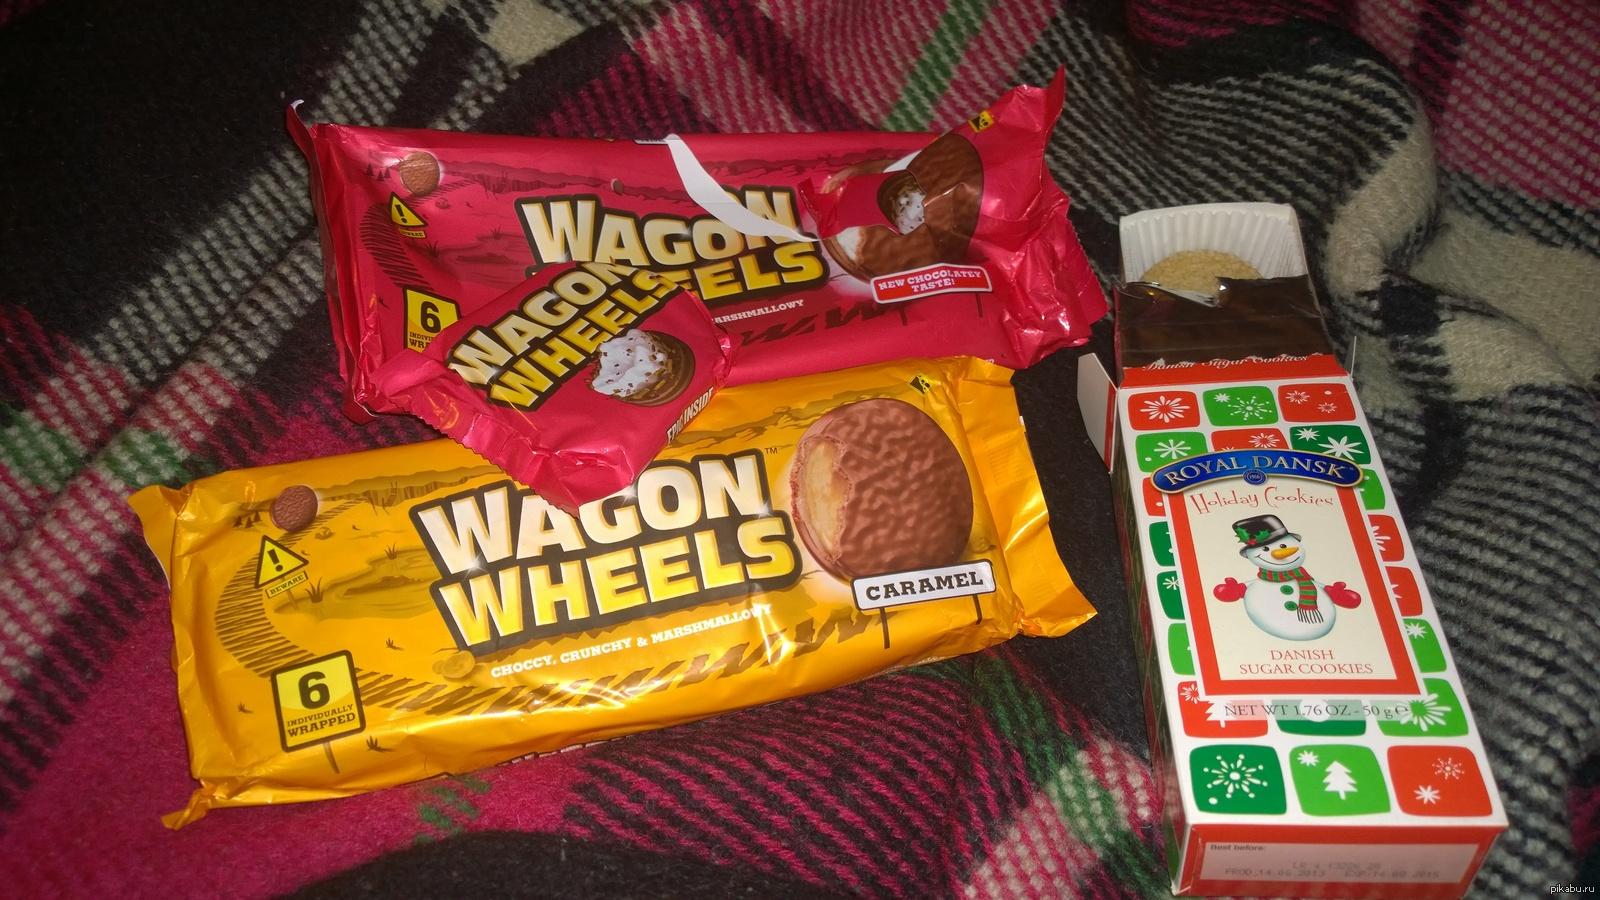 Вагон вилс печенье какие вкусы #6